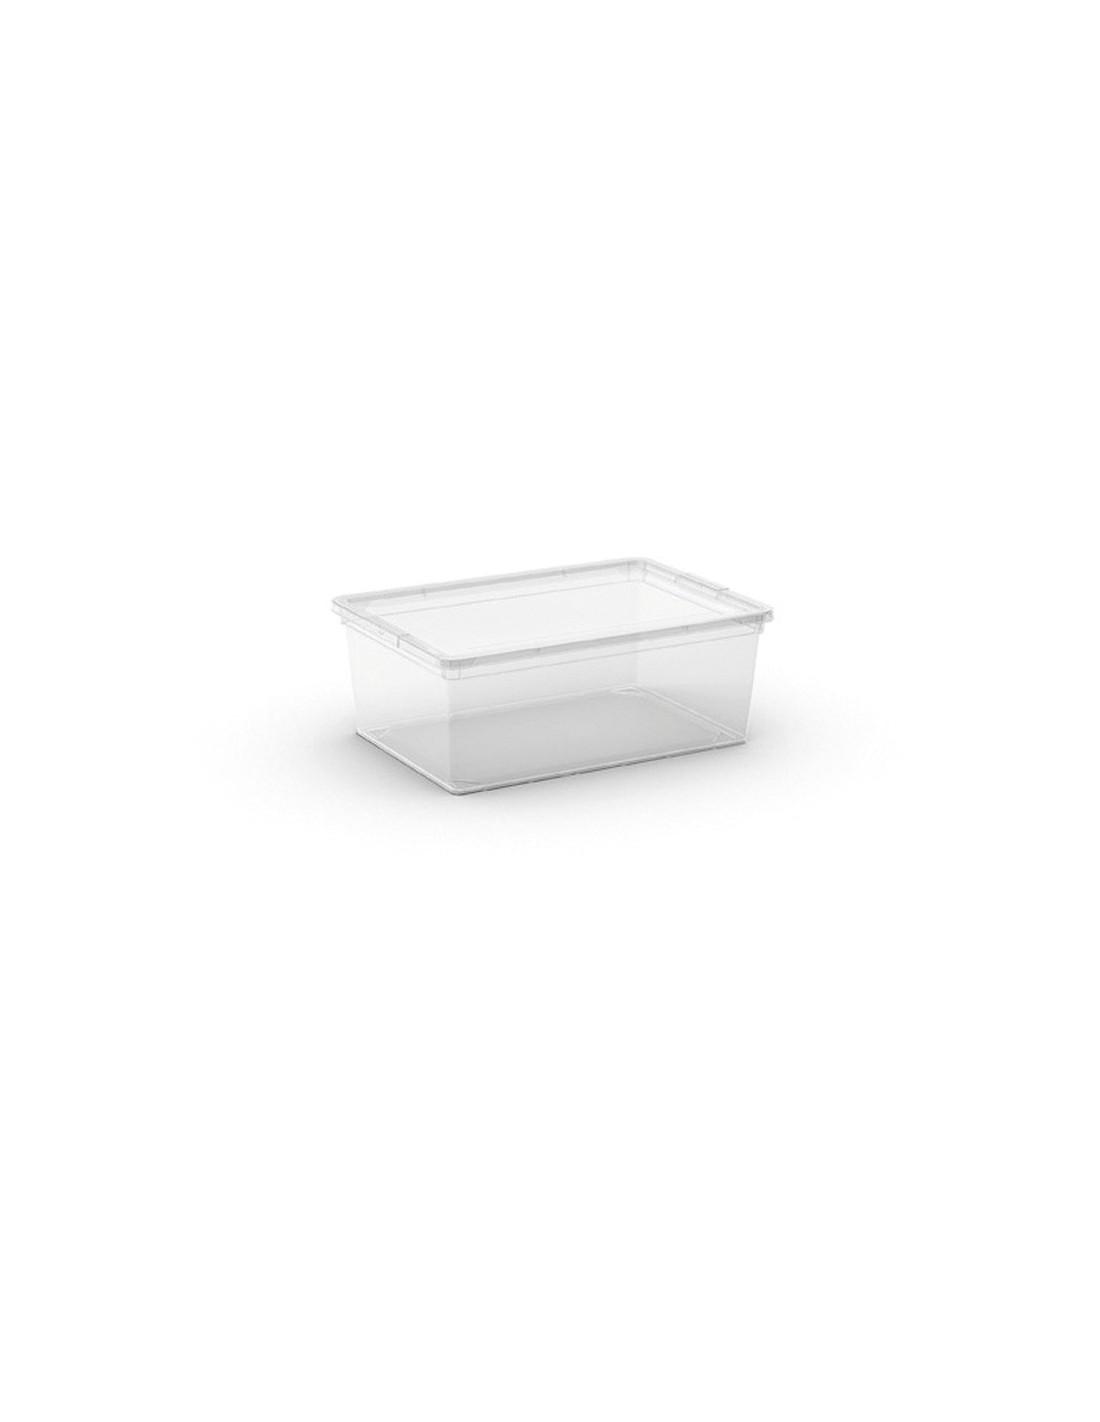 40x stockage taille 2 boites à empiler Camp Boxe caisse vue Camp encadré atelier